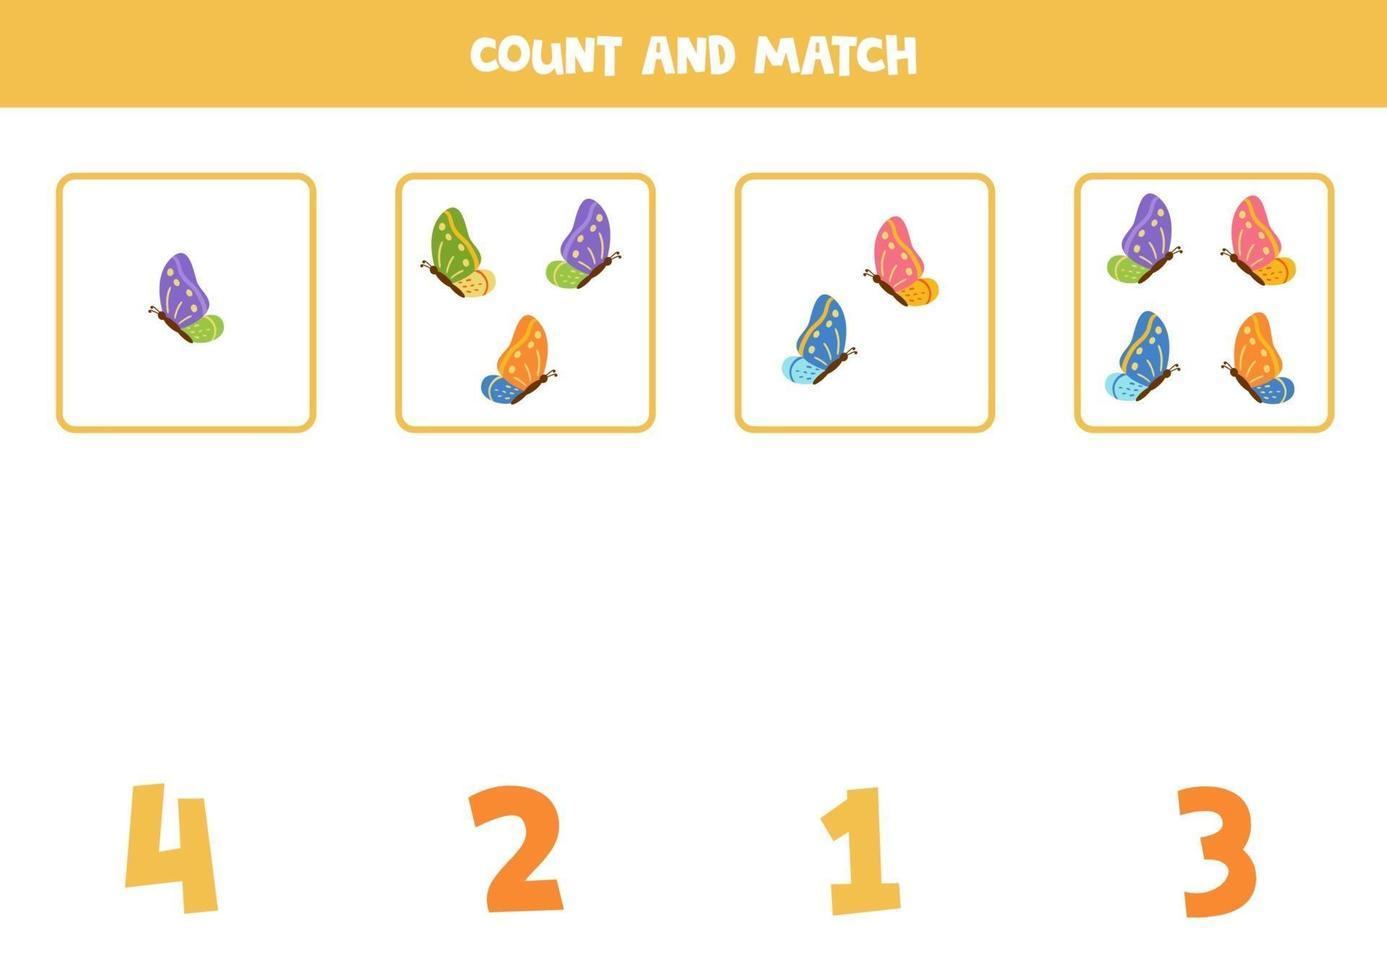 räkna spel med fjärilar. matematik kalkylblad. vektor